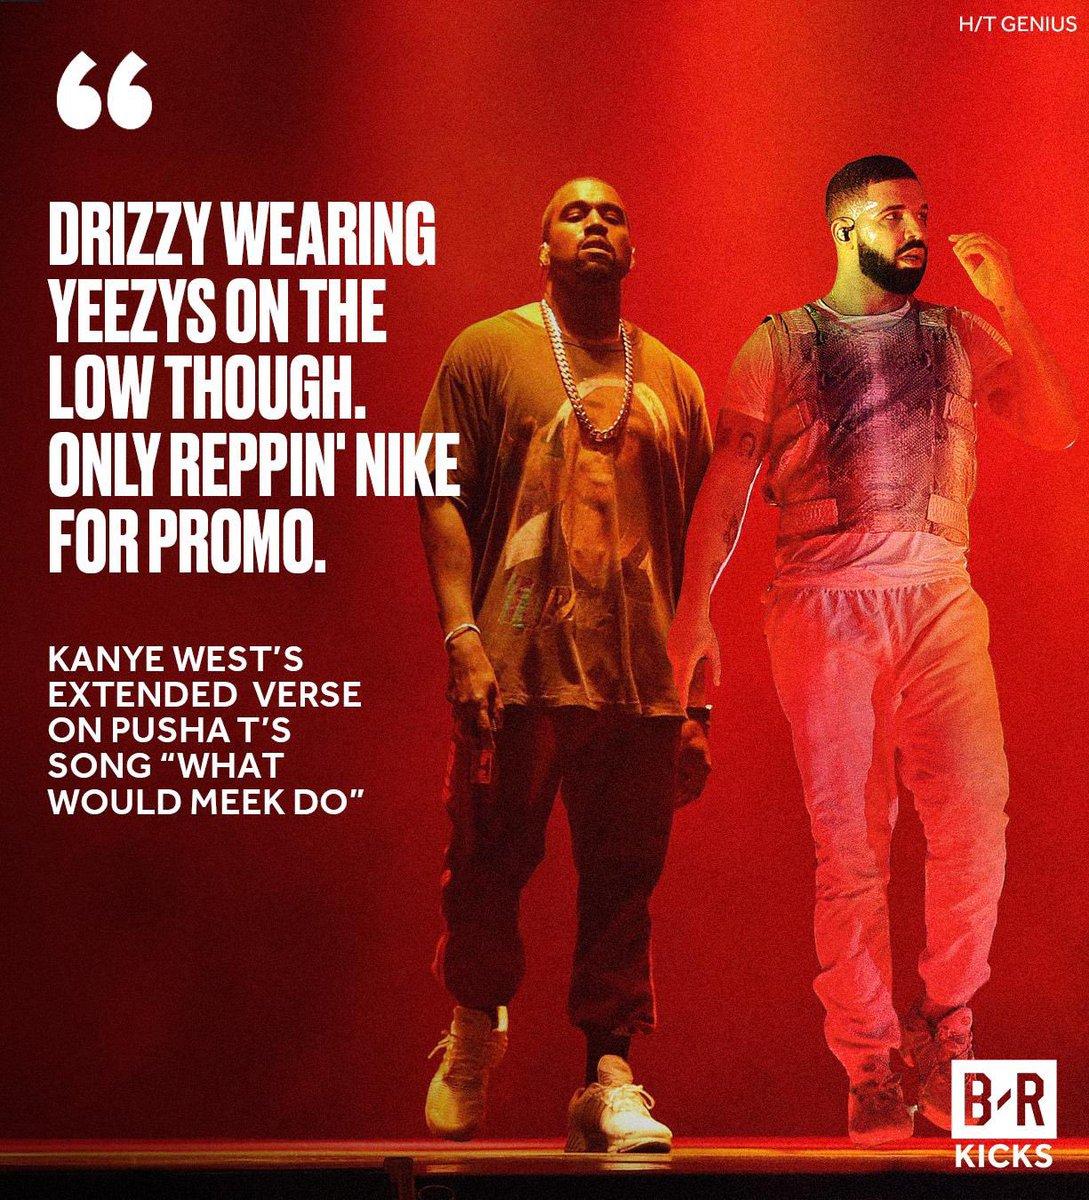 Kanye Caught Drake in Yeezys 👀